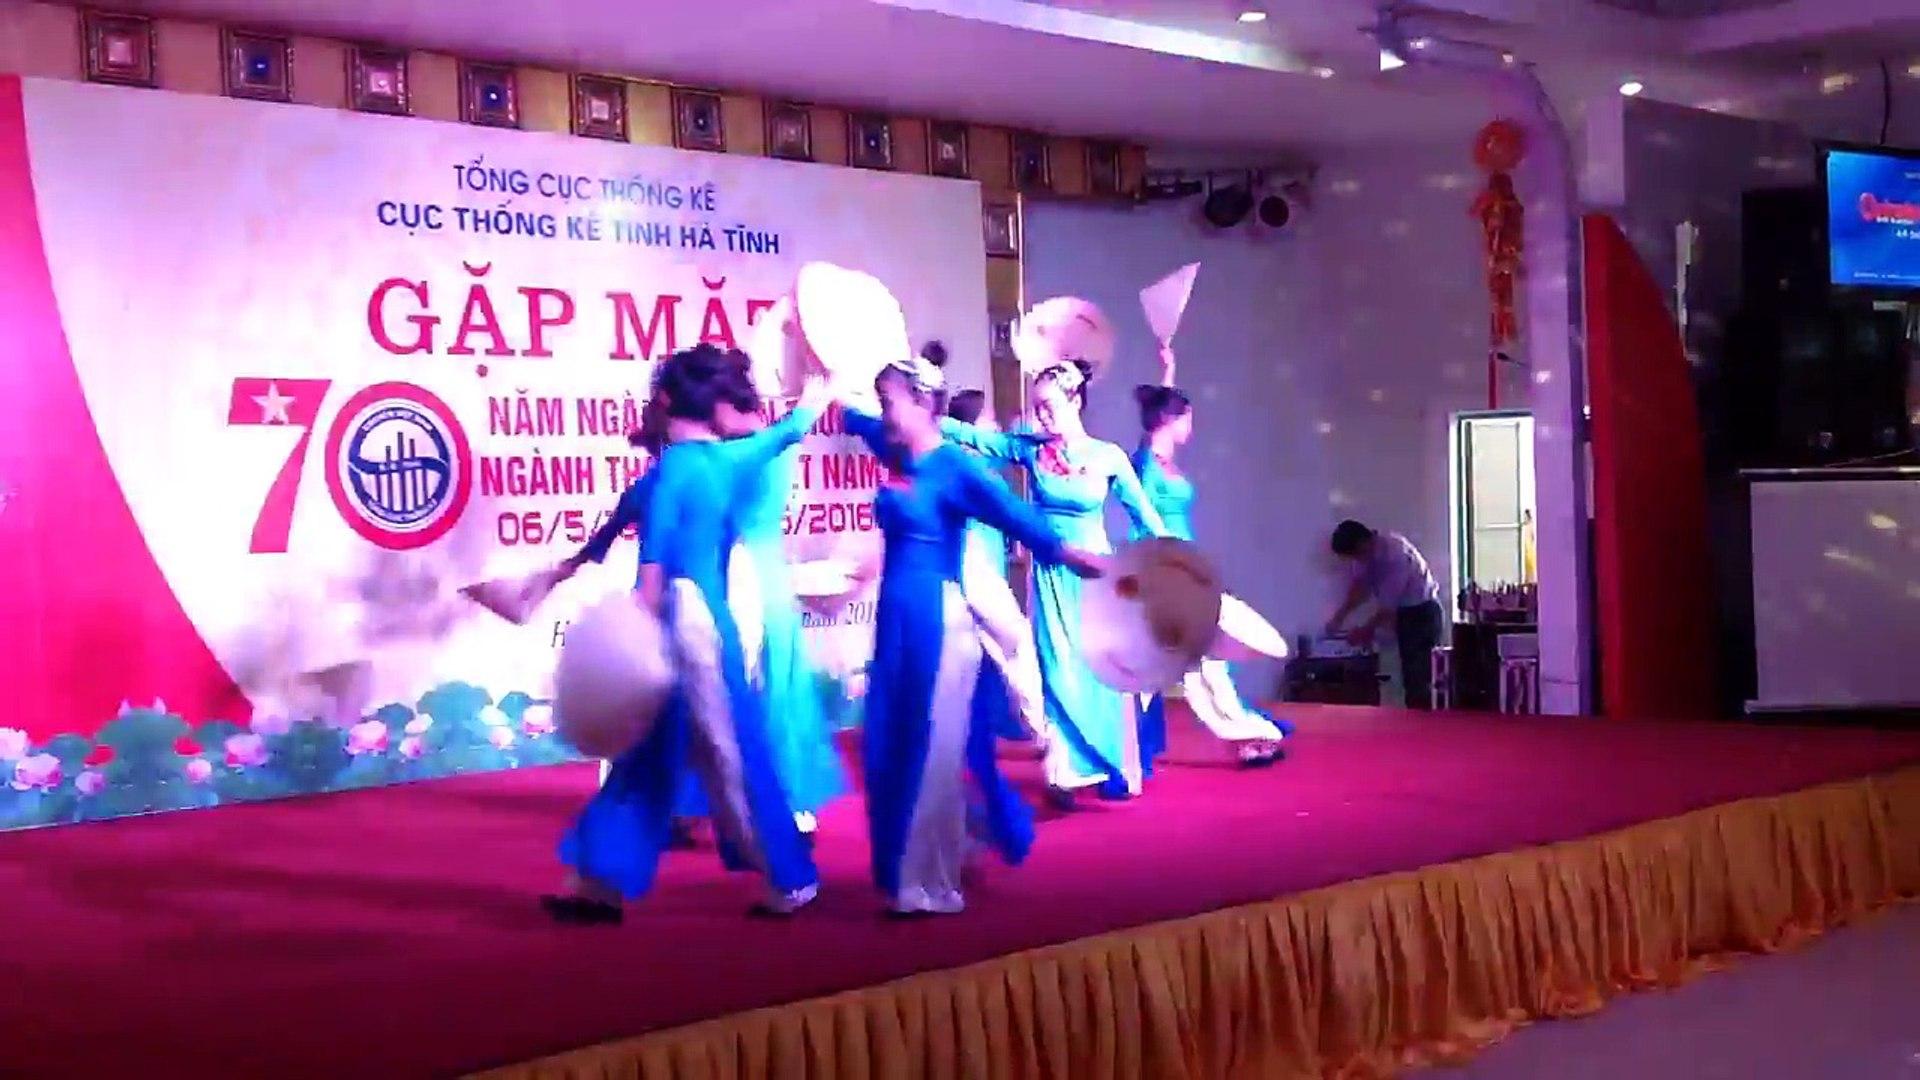 Ngành Thống ke Hà Tĩnh kỷ niệm 70 năm thành lập Thống kê Việt Nam